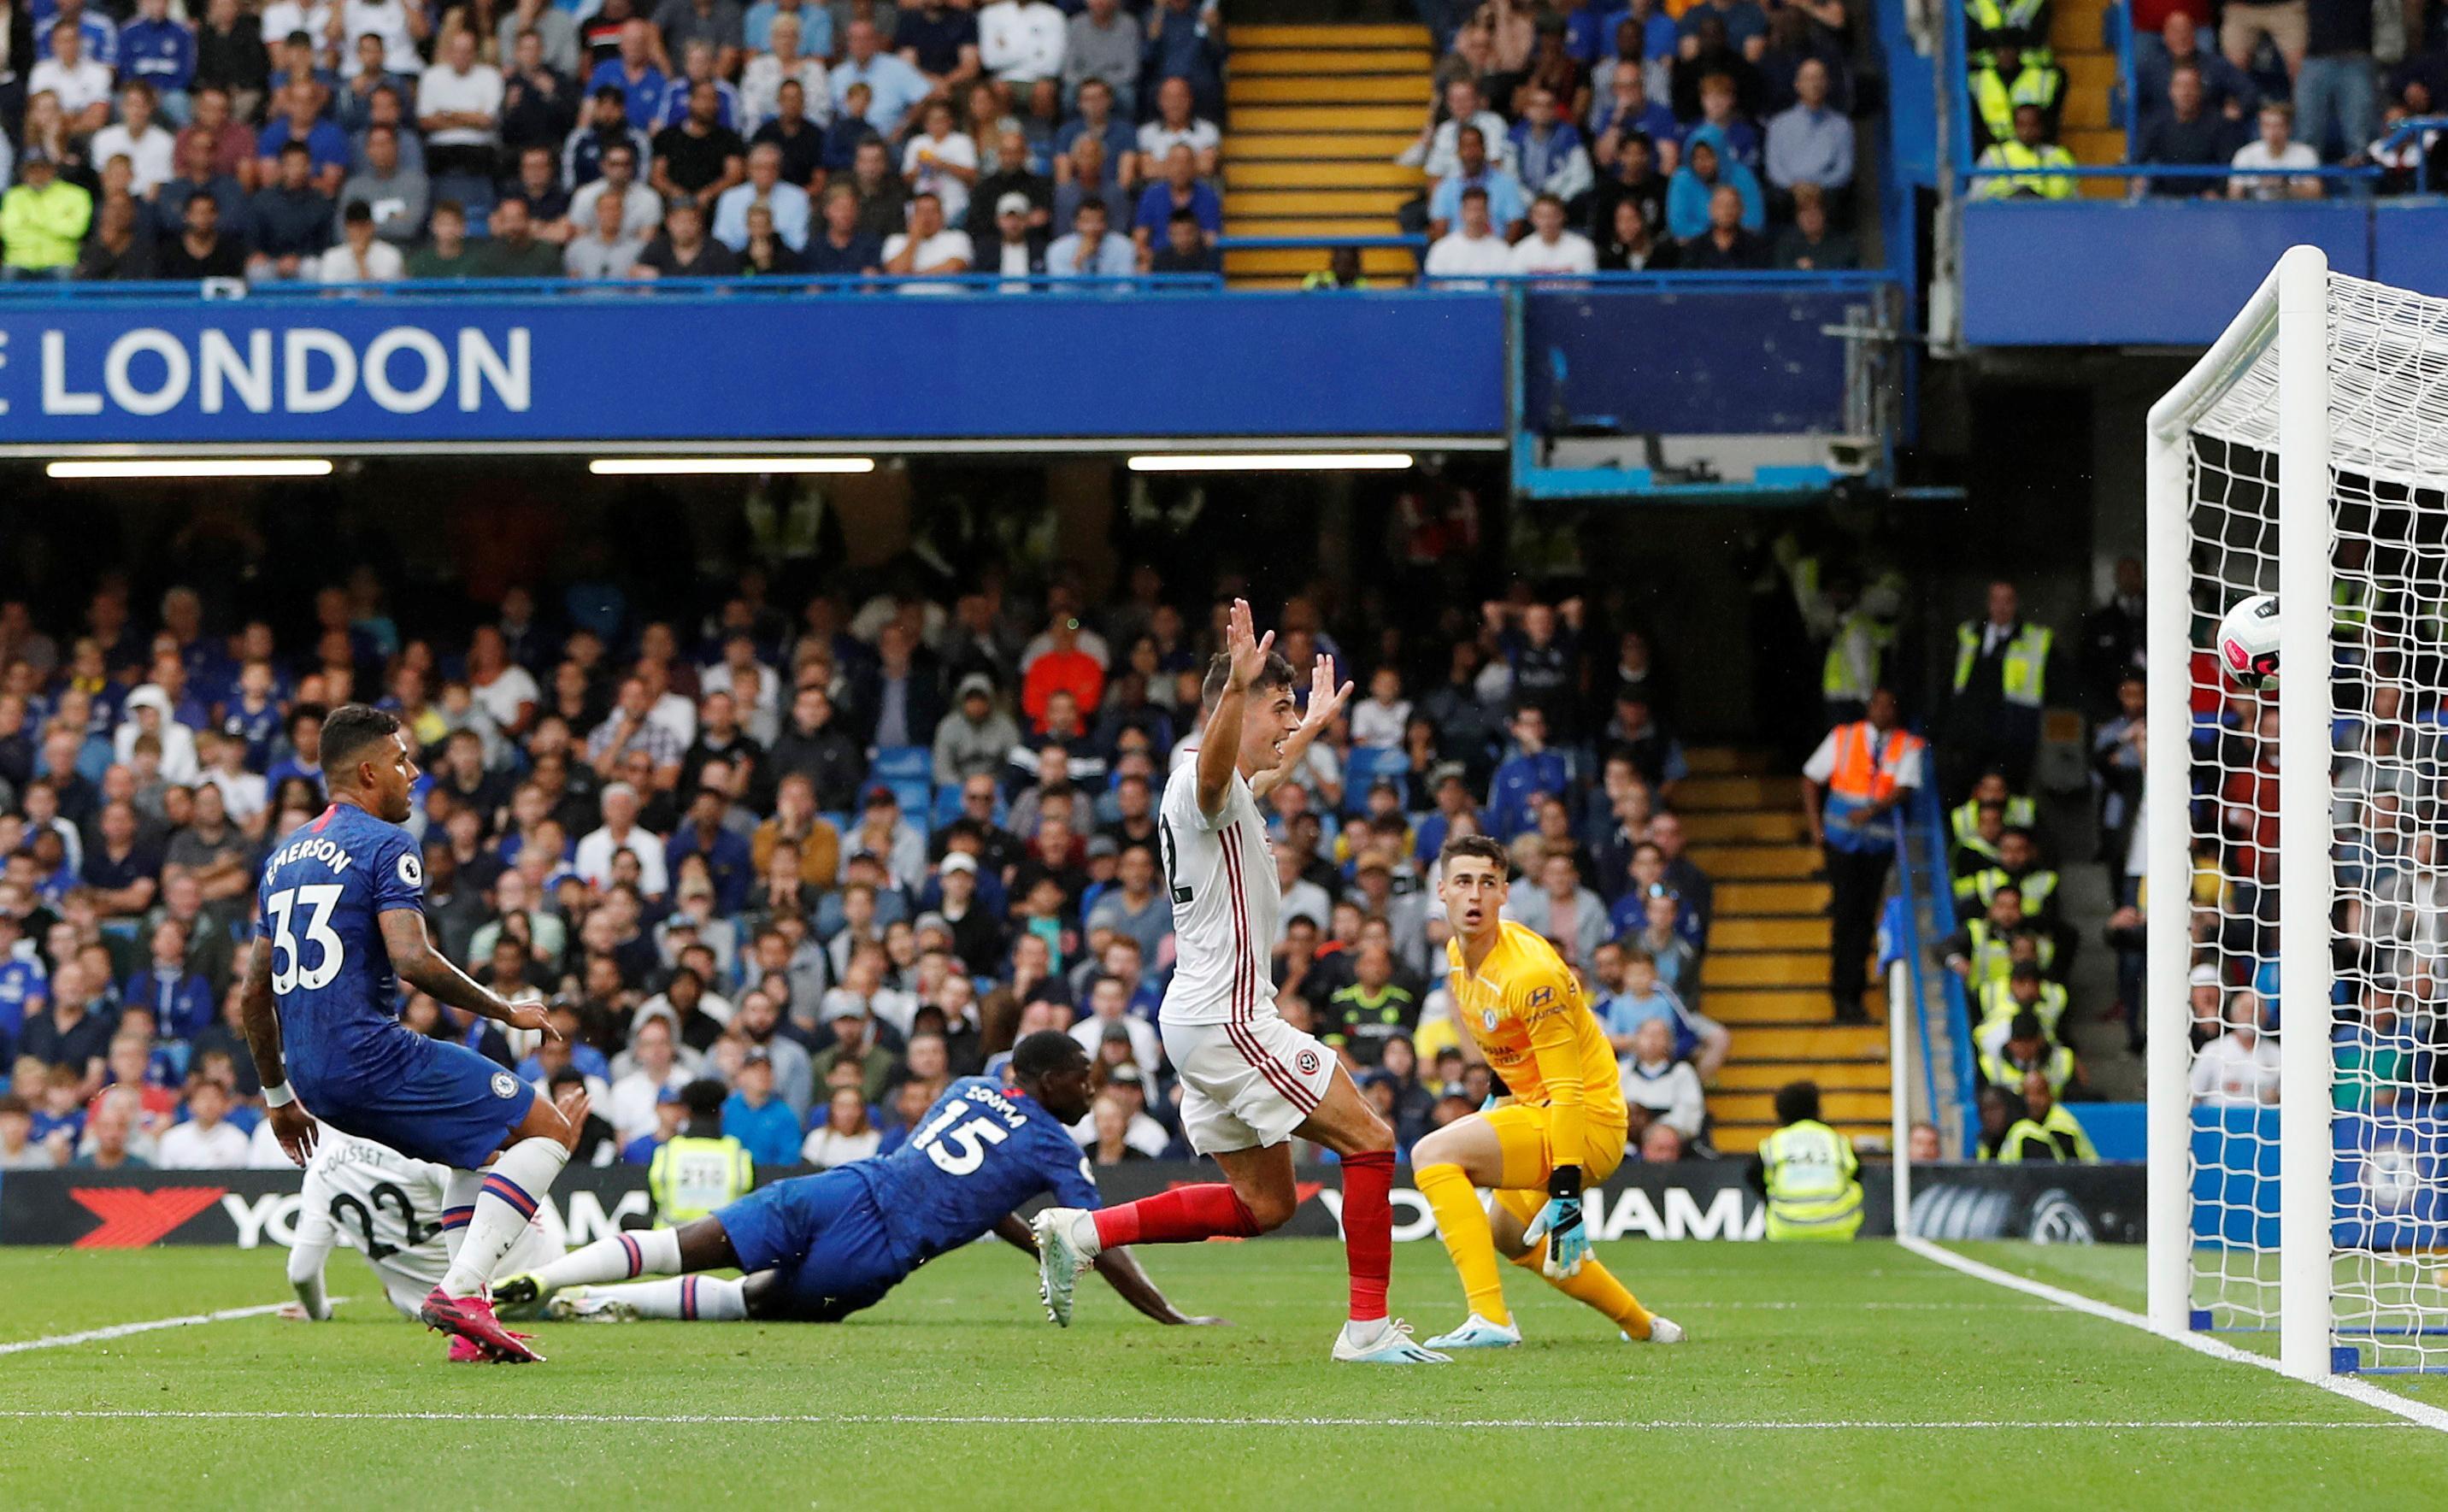 شيفيلد يونايتد يجبر تشيلسي على التعادل في الدوري الإنجليزي